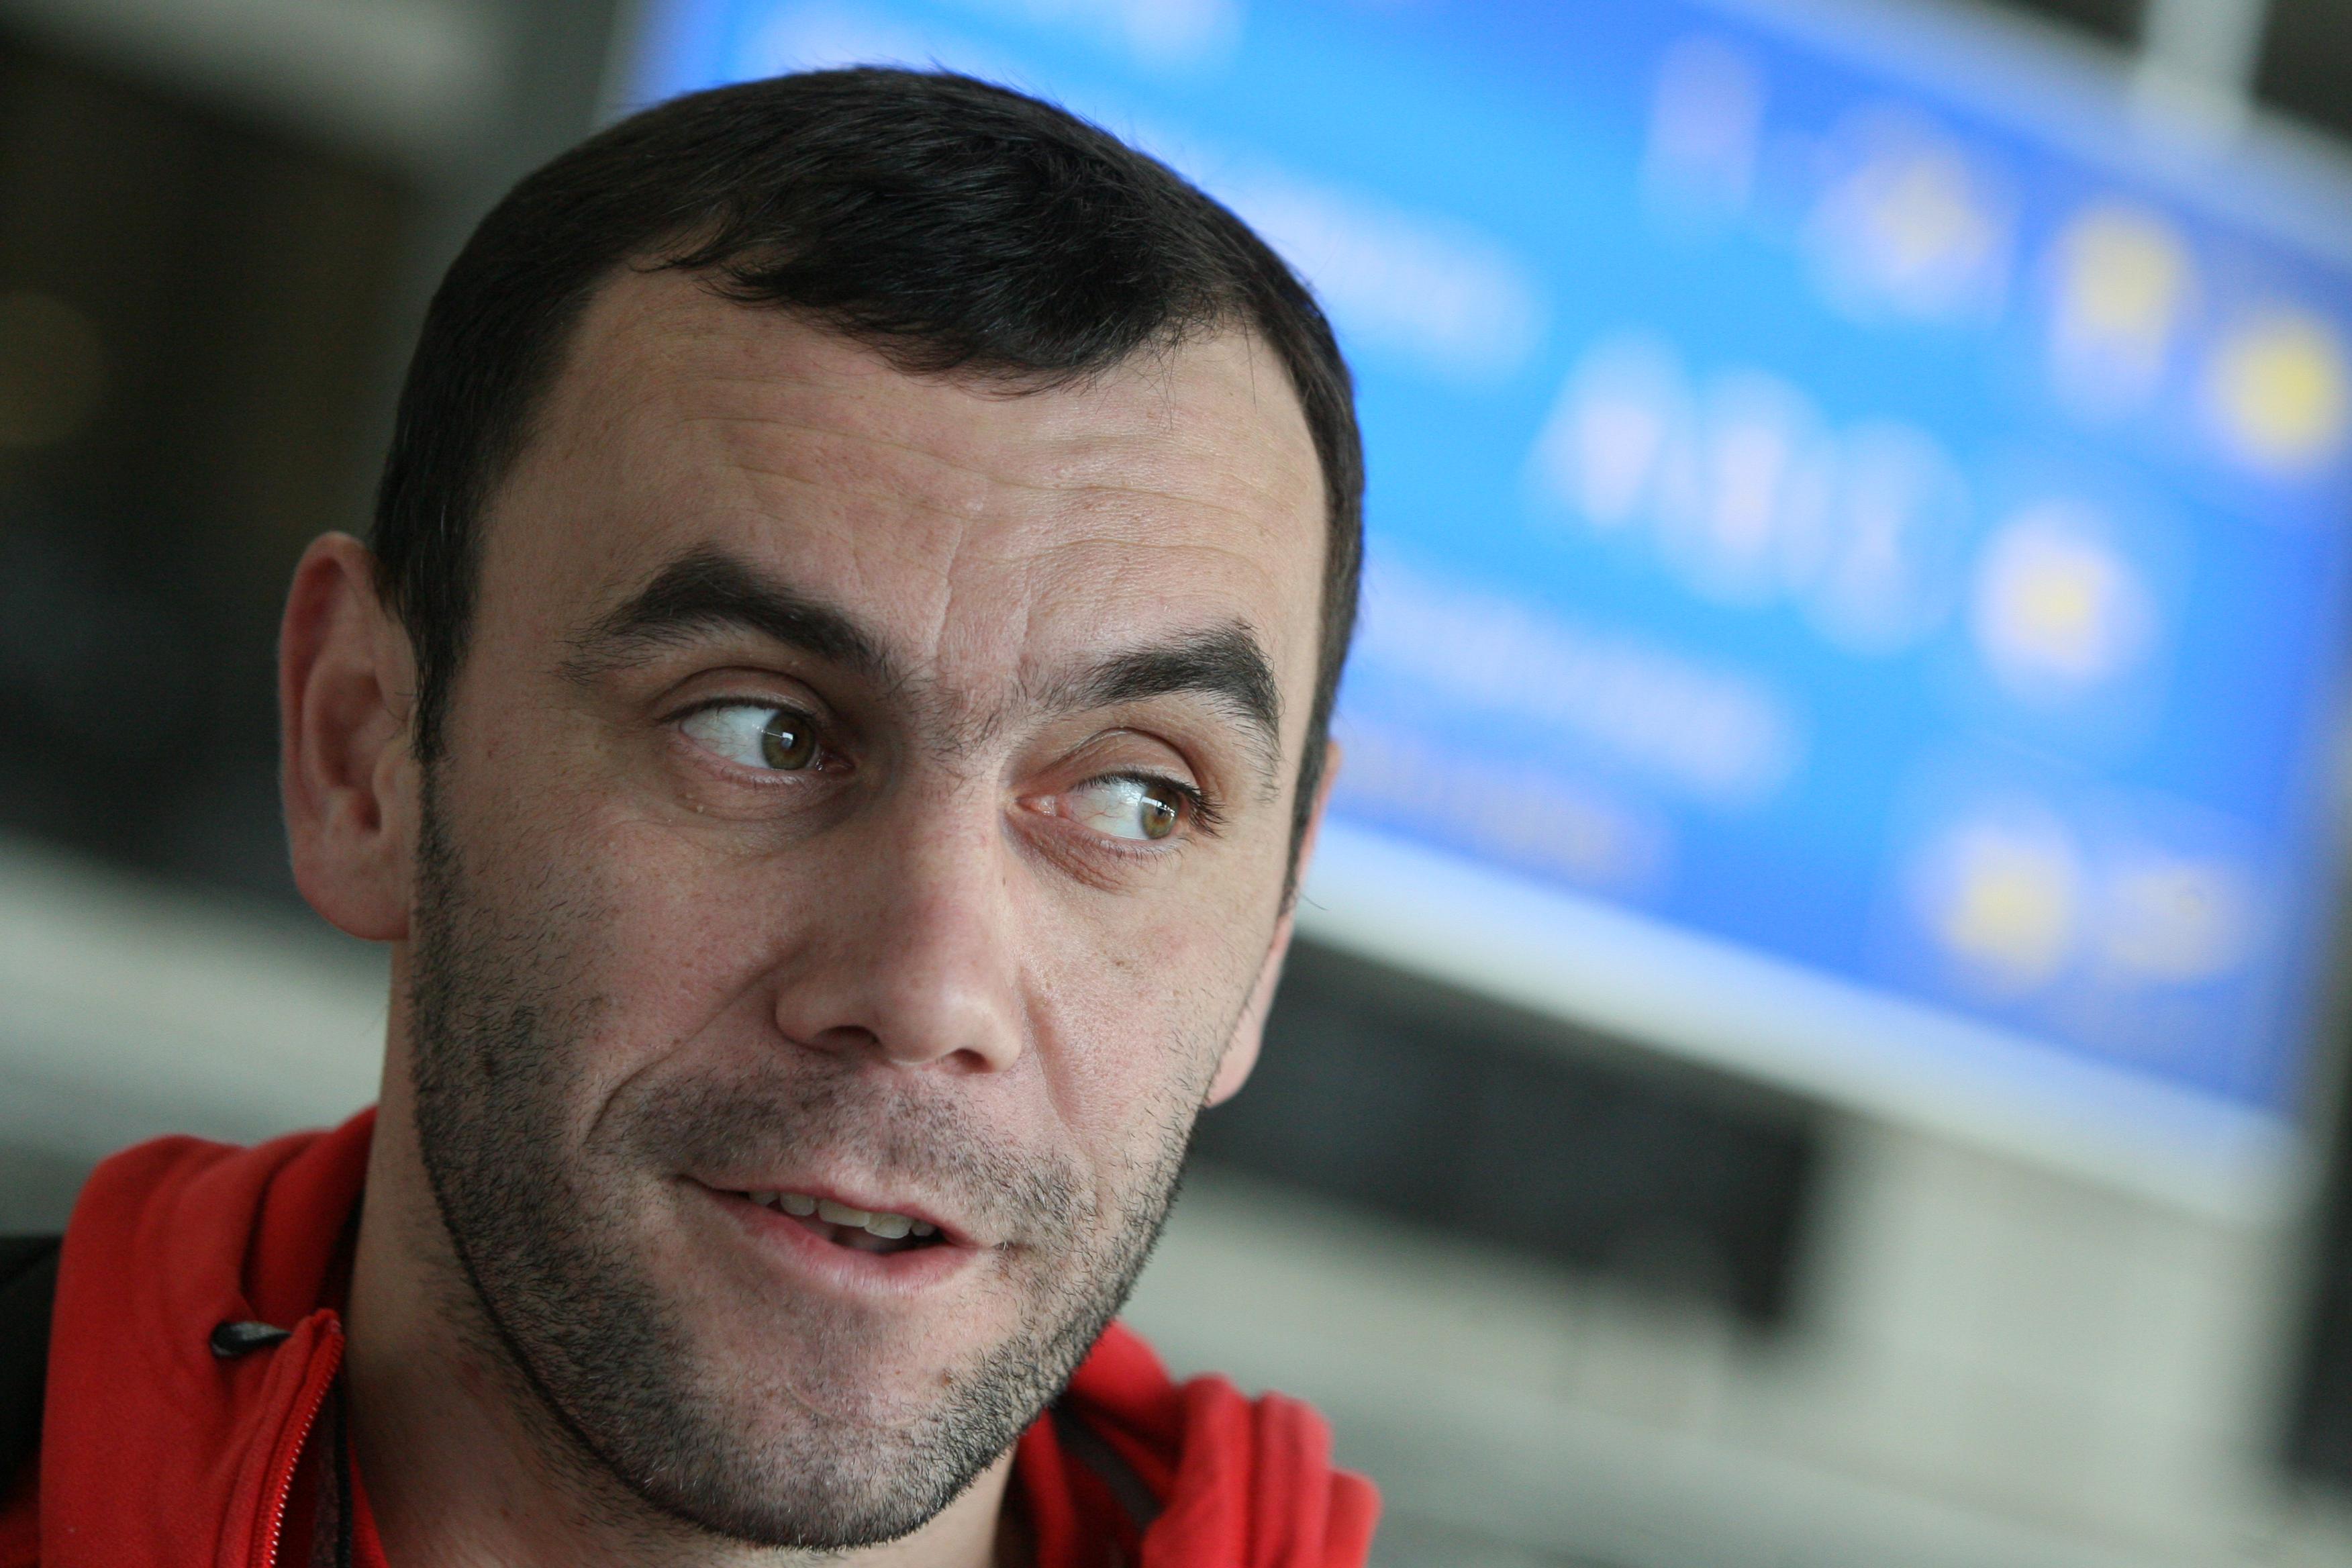 Тодор Стойков: Важно е да бием АСВЕЛ, дори и с грозна игра